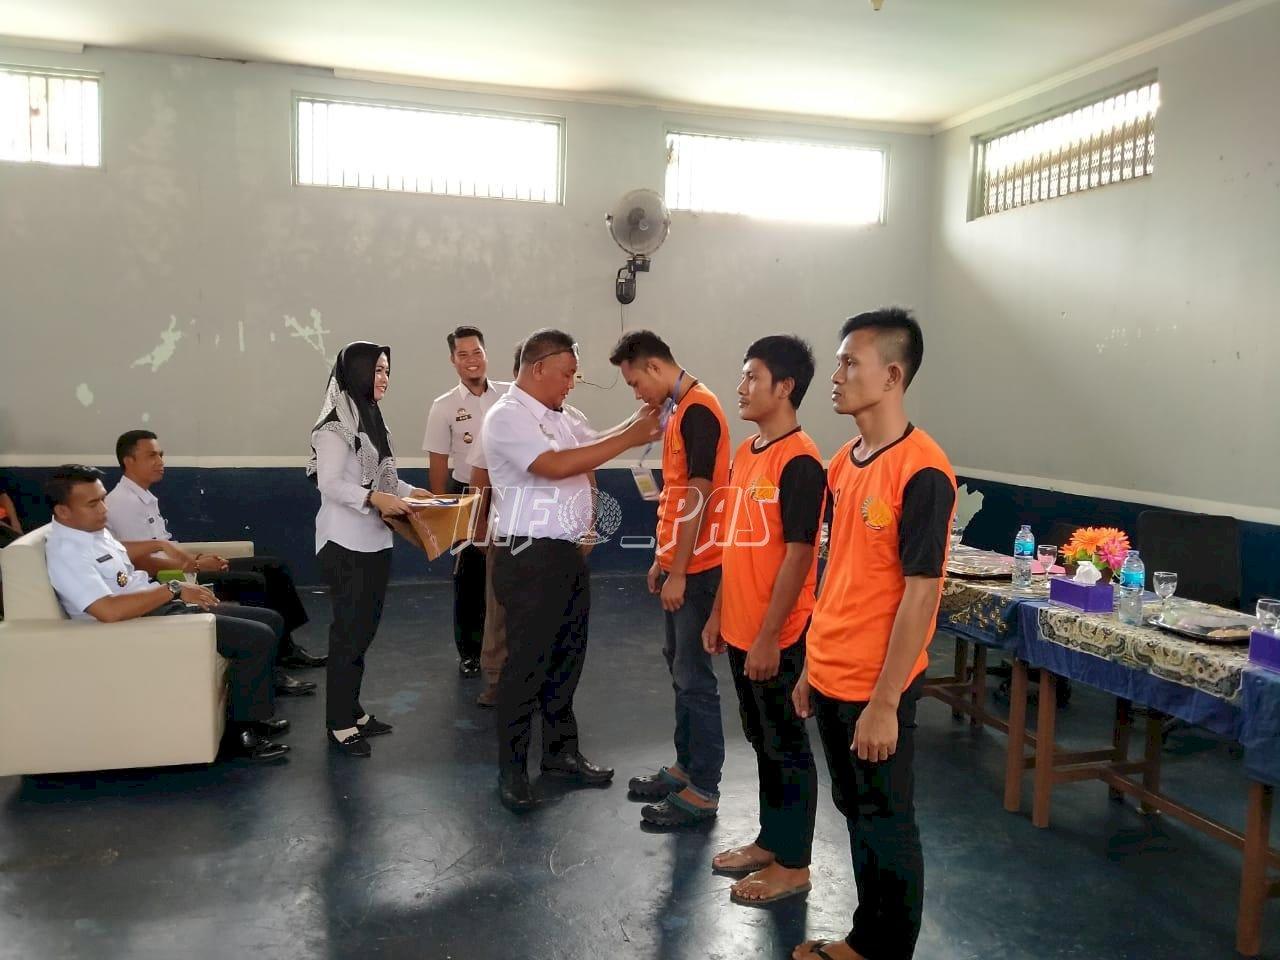 Asah Keterampilan WBP, Lapas Narkotika Pangkal Pinang Gandeng BLK Bangka Belitung